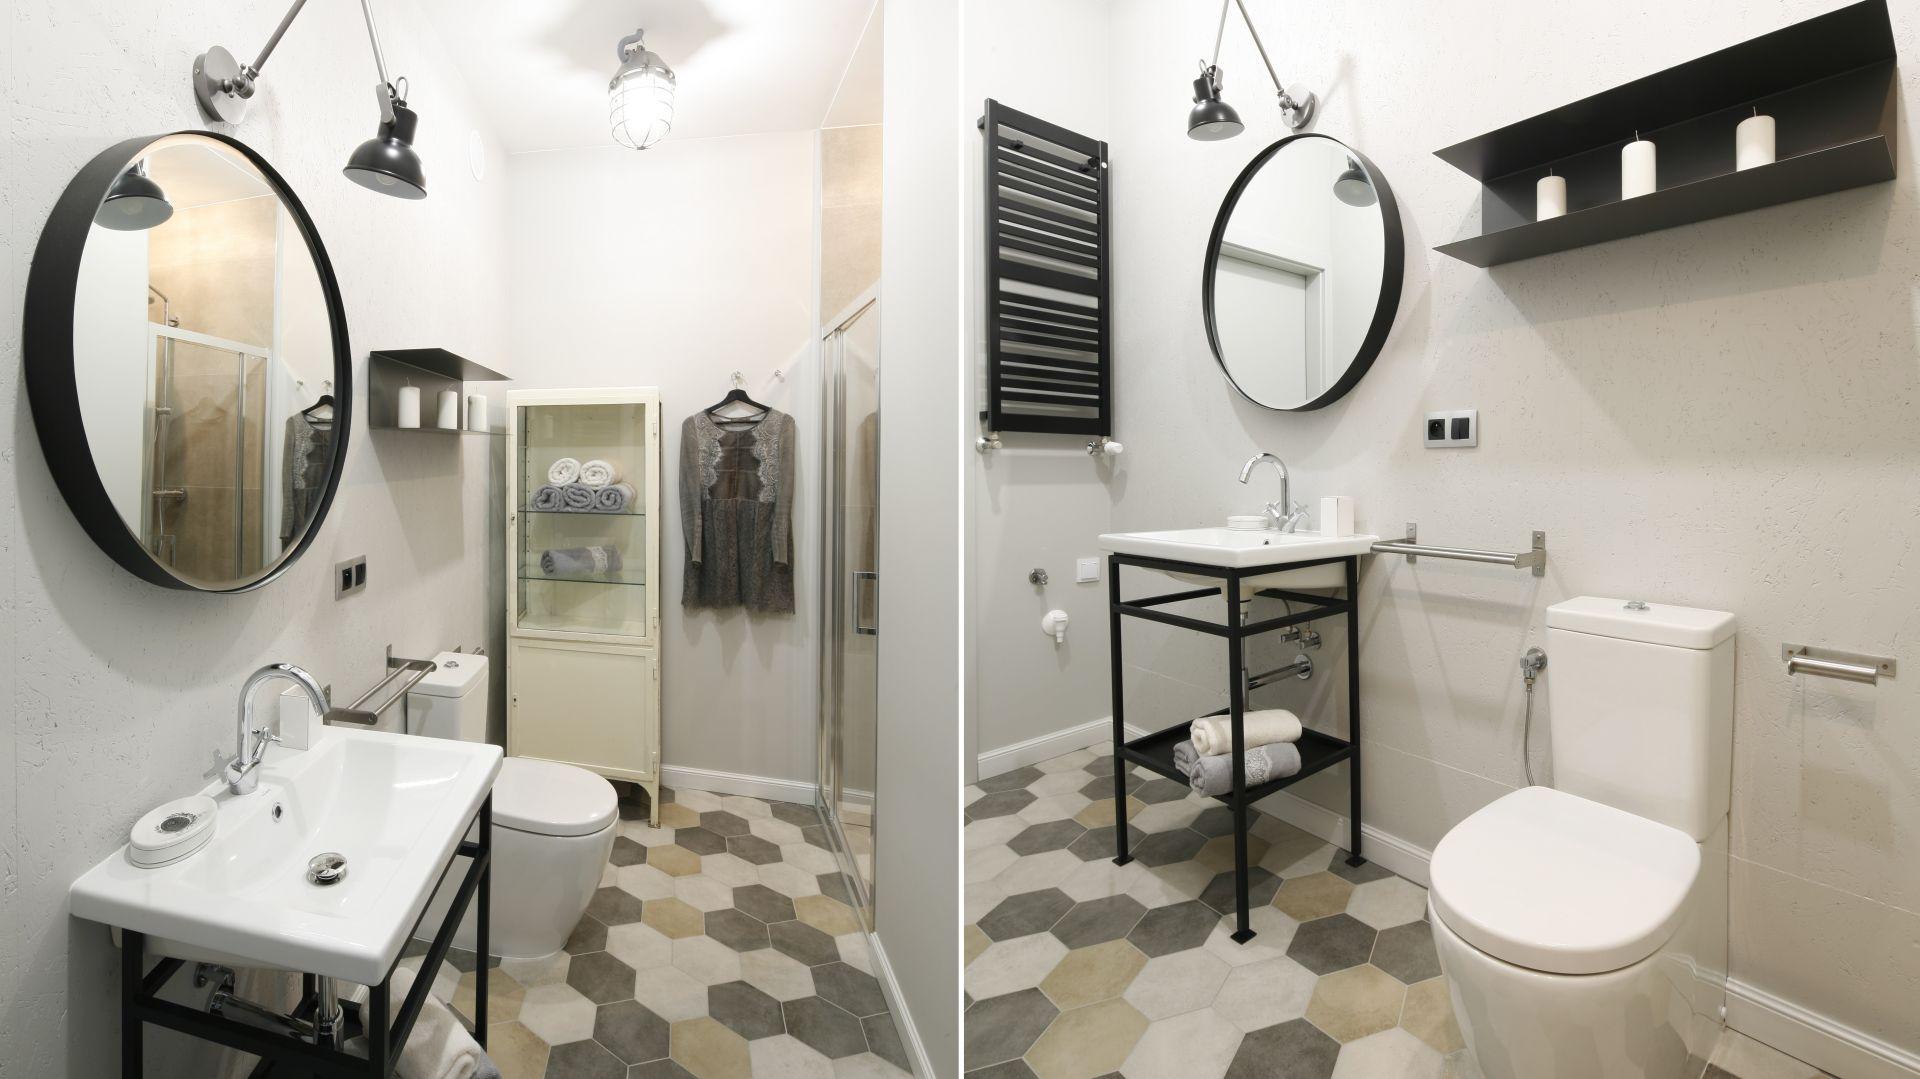 Pomysł na aranżację łazienki w stylu loft. Proj. Katarzyna Moraczewska, Barbara Przasnyska. Fot. Bartosz Jarosz